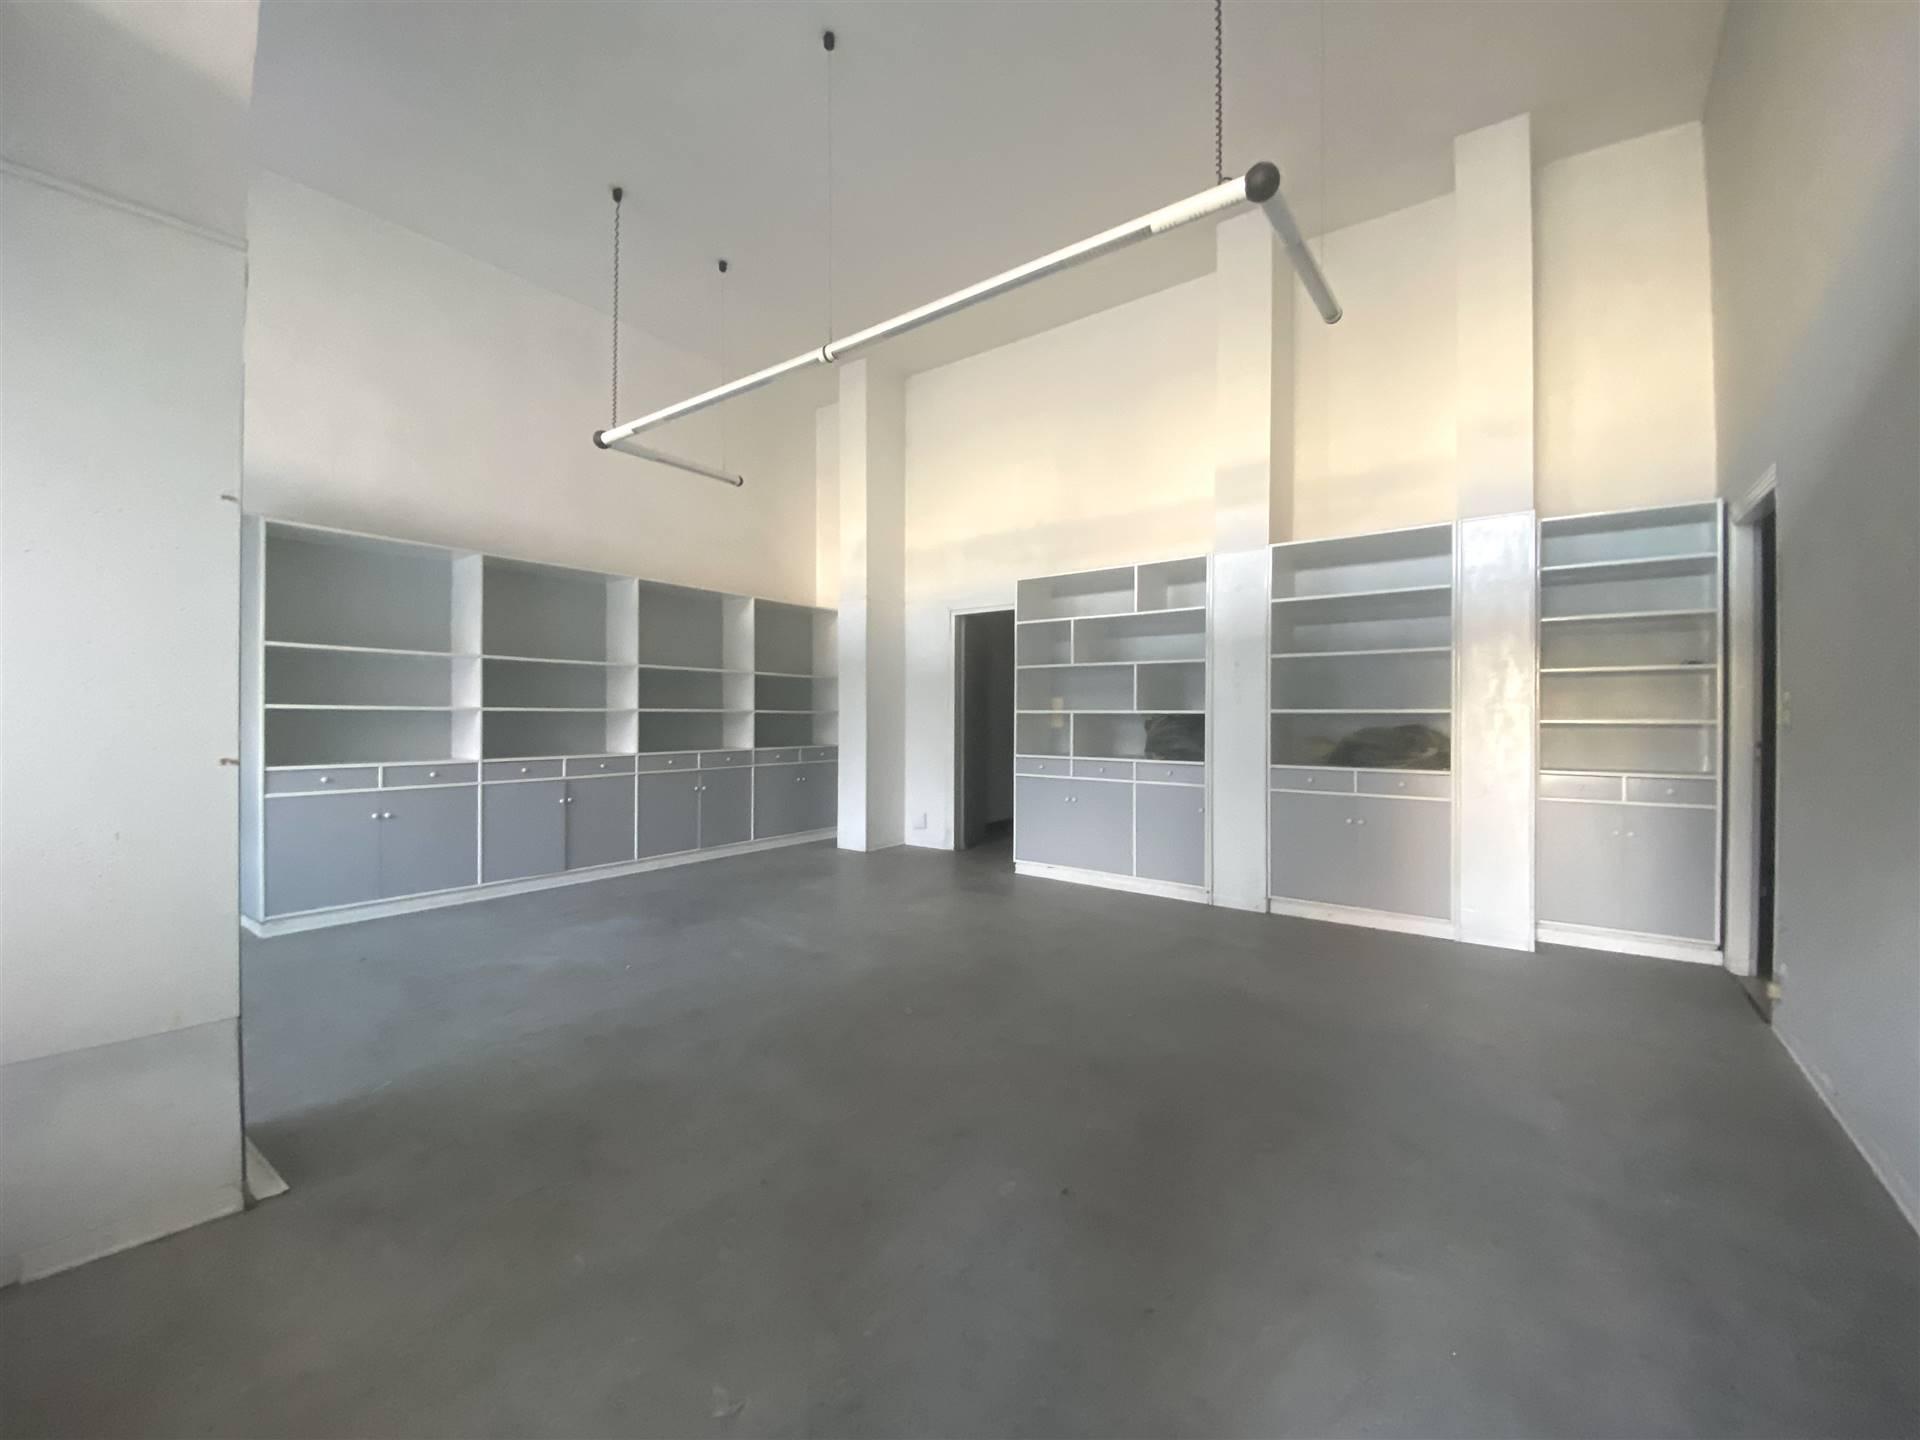 Immobile Commerciale in vendita a Cossato, 1 locali, prezzo € 40.000 | CambioCasa.it